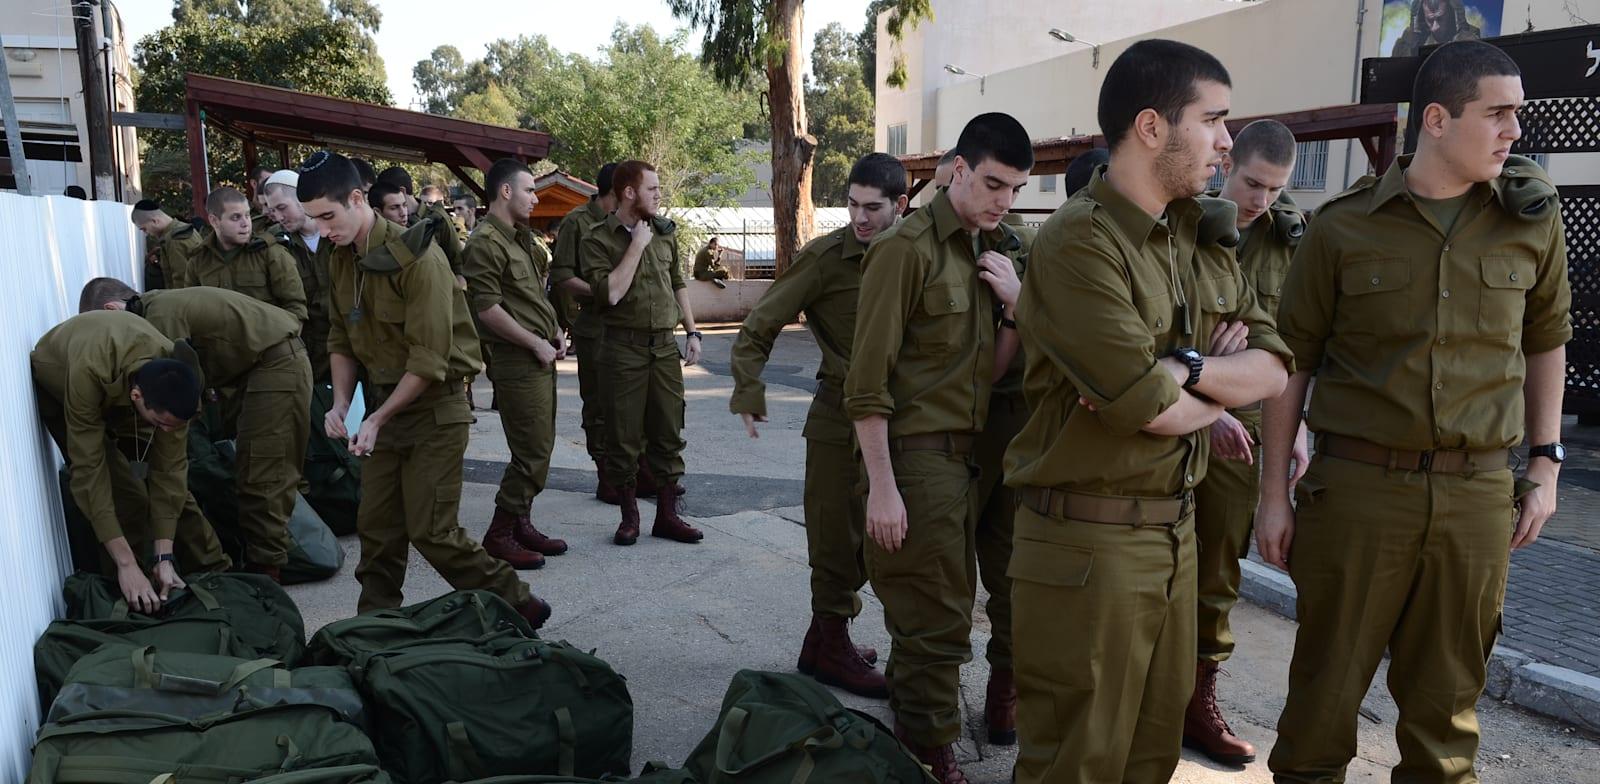 חיילים / צילום: בן אברהם - במחנה